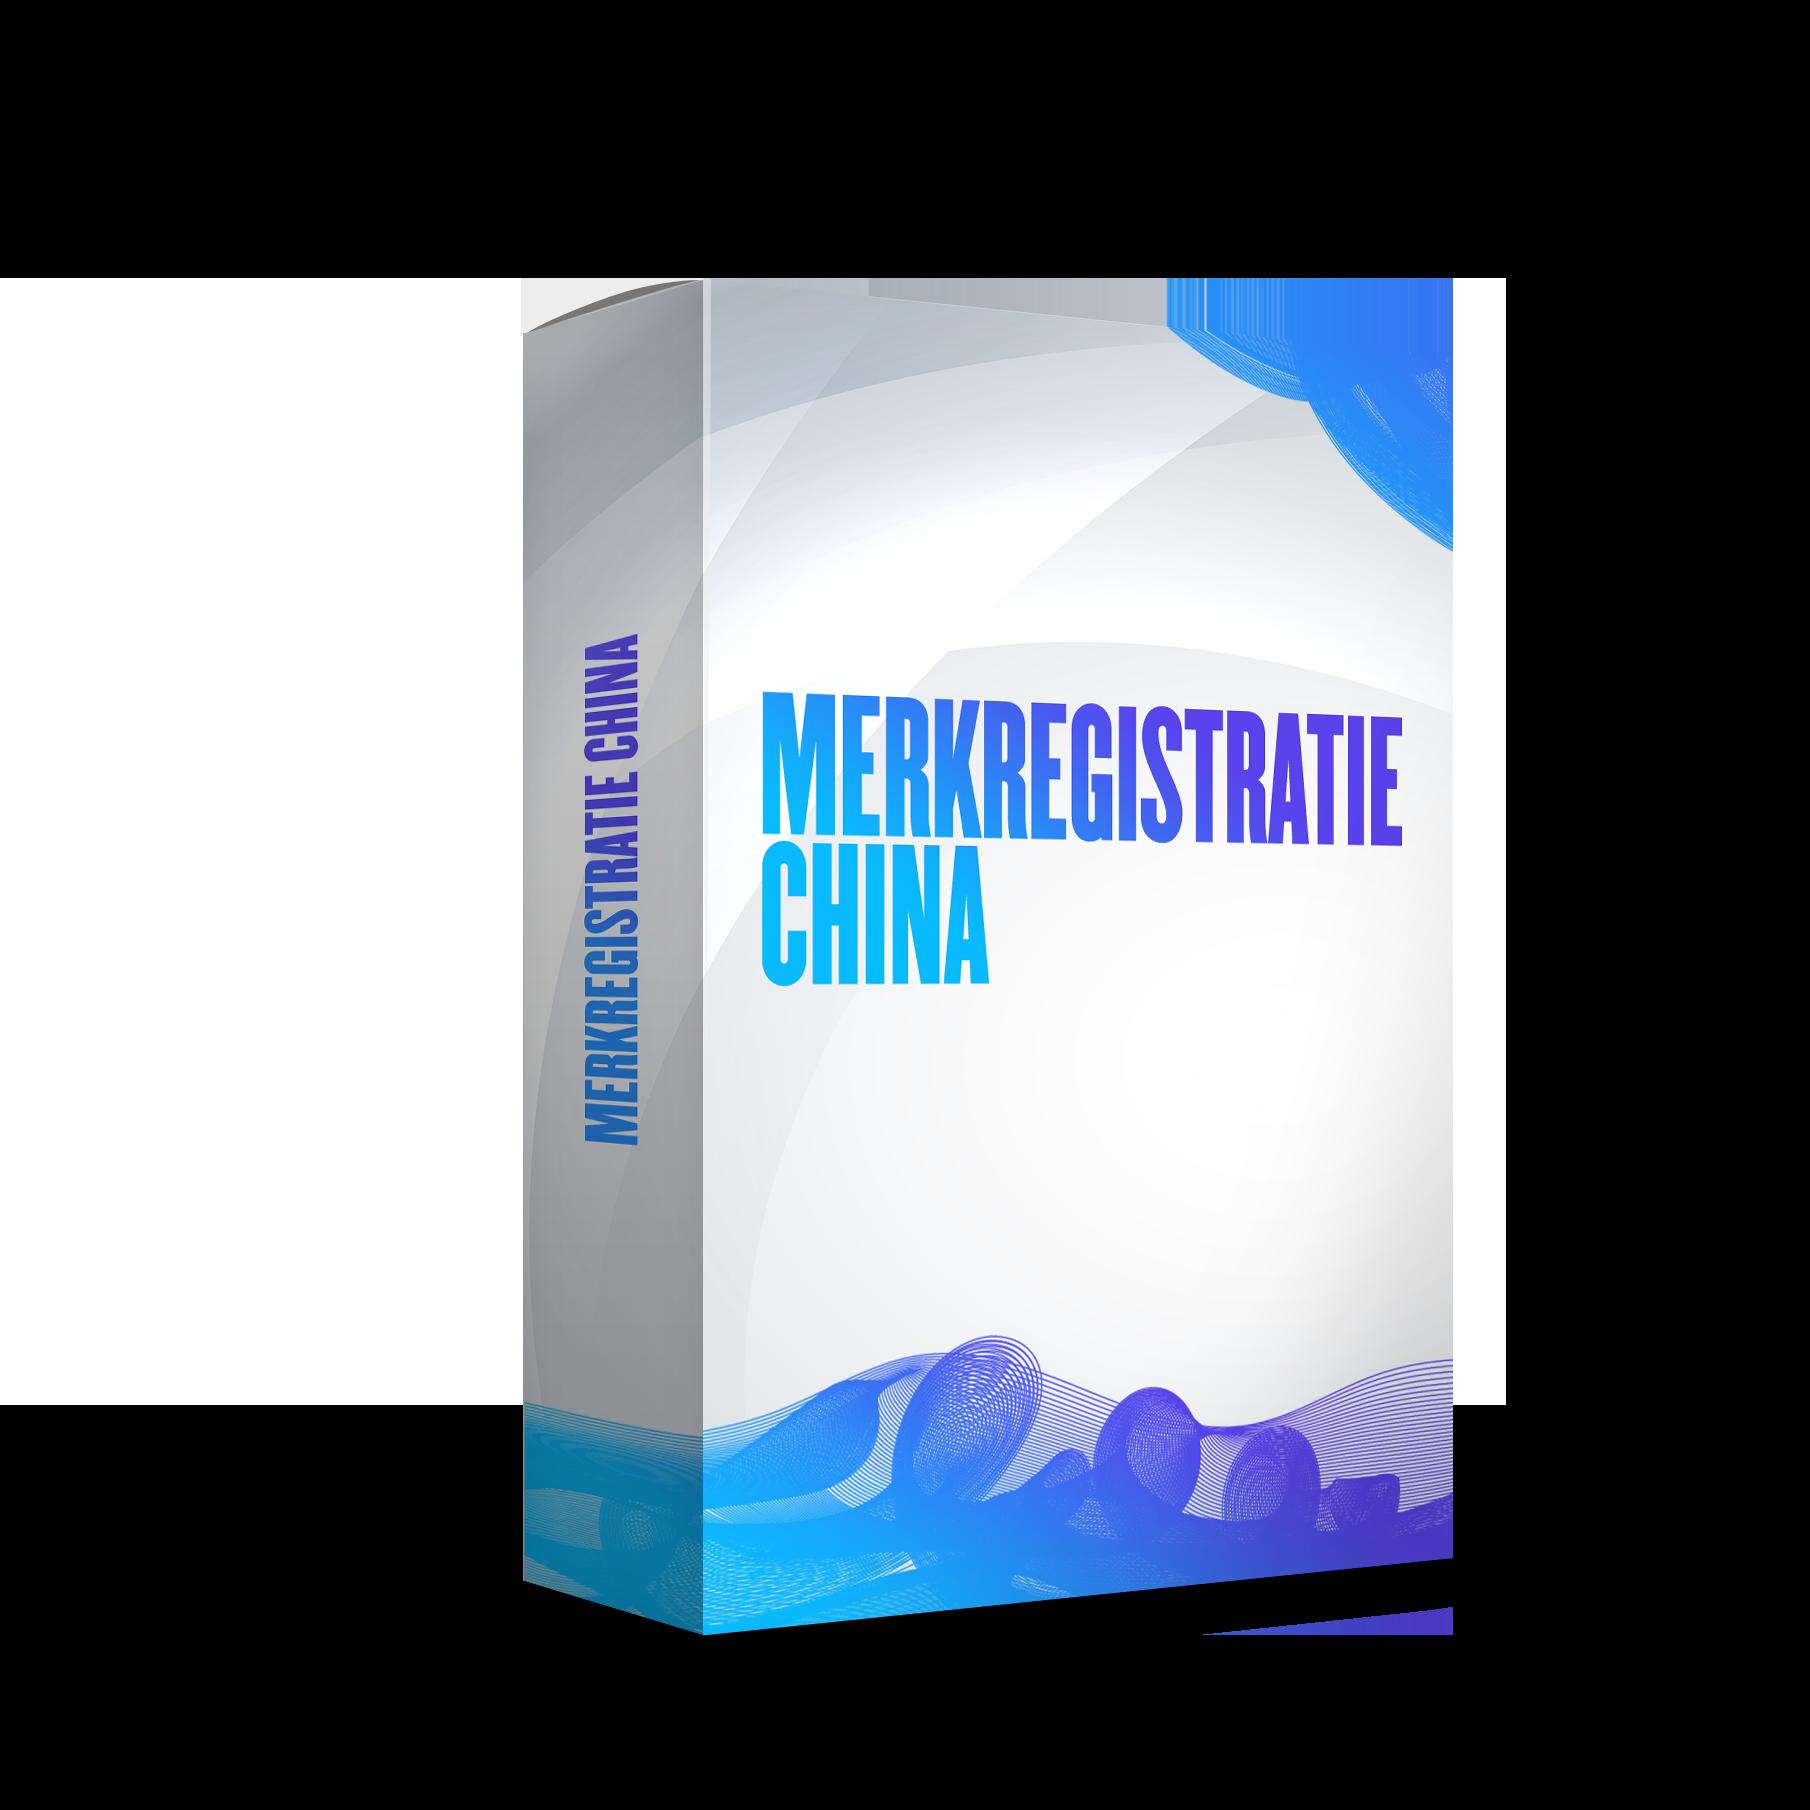 Merkregistratie China